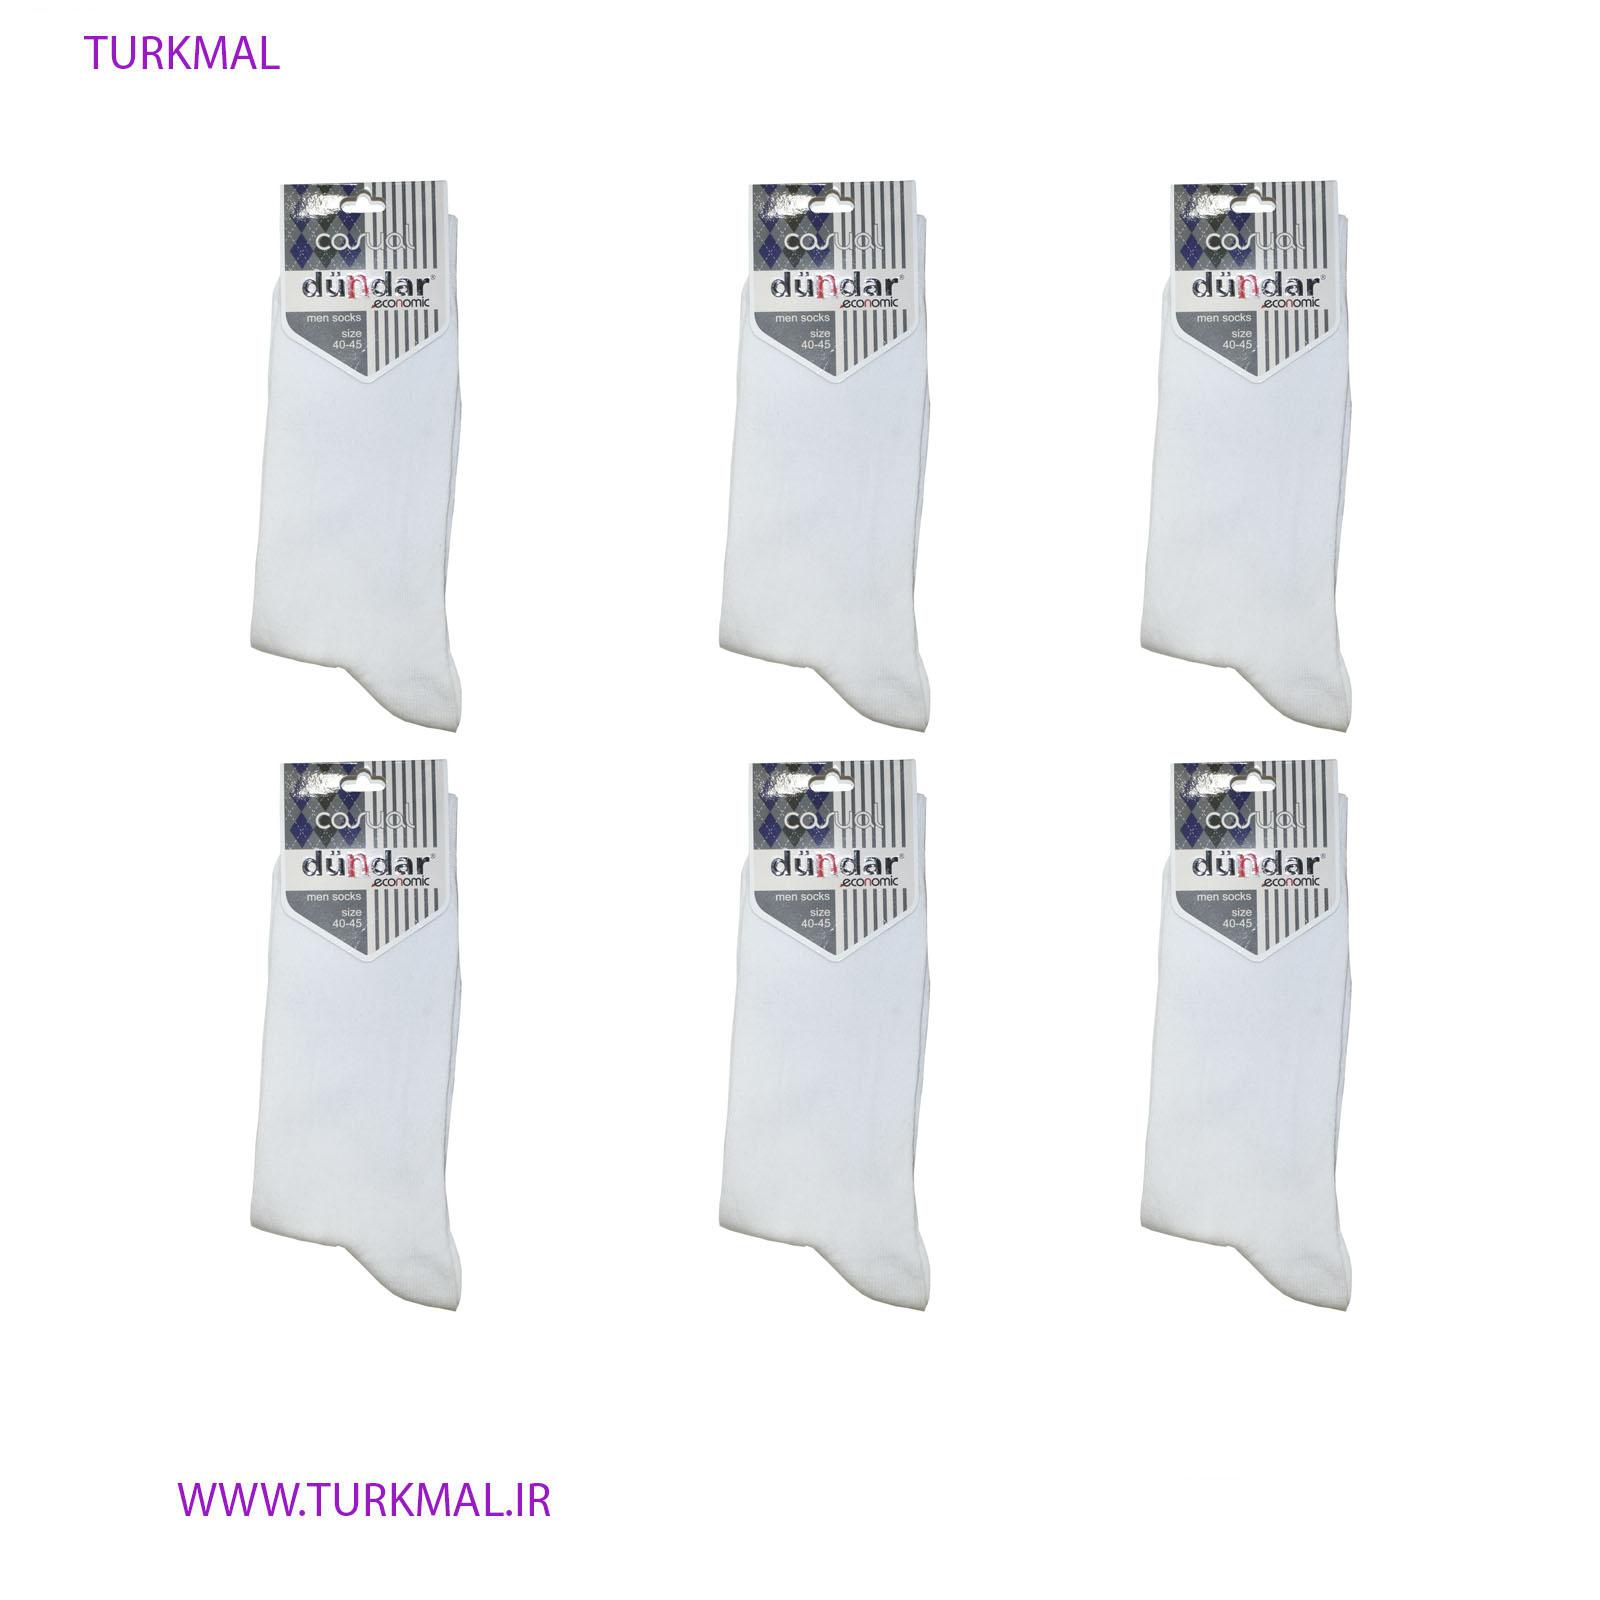 جوراب مردانه دوندار مدل TRY-341 بسته ۶ عددی